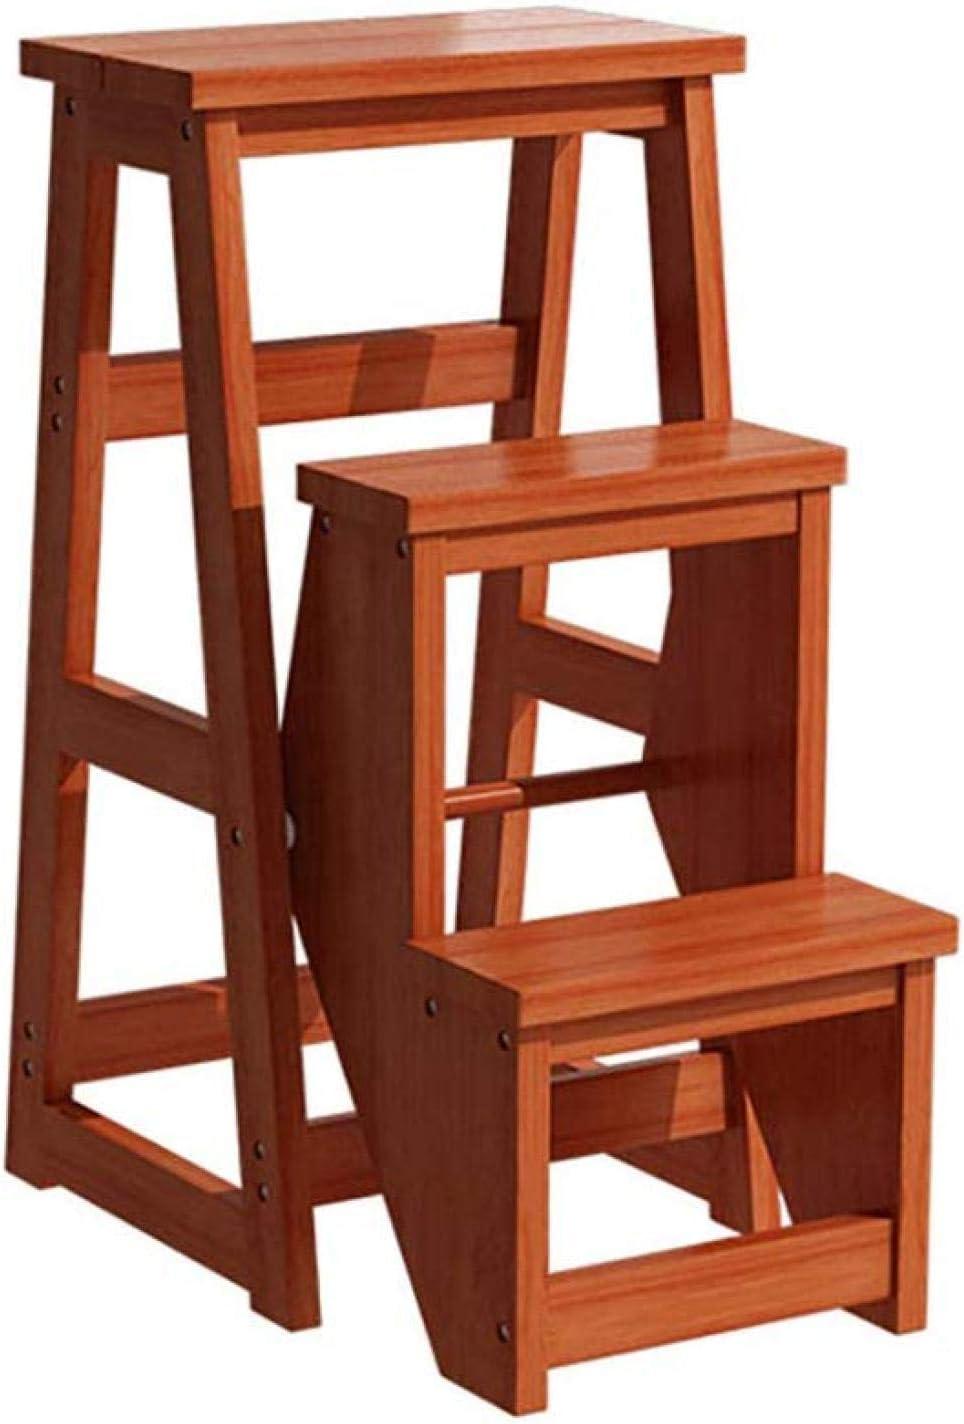 Tritthocker QingShunBeiJing Tragbare Klapptreppe aus Holz Bibliothek B/üro 3 Stufen Multifunktions-Leiter f/ür Eingangsschuhbank kreative K/üche